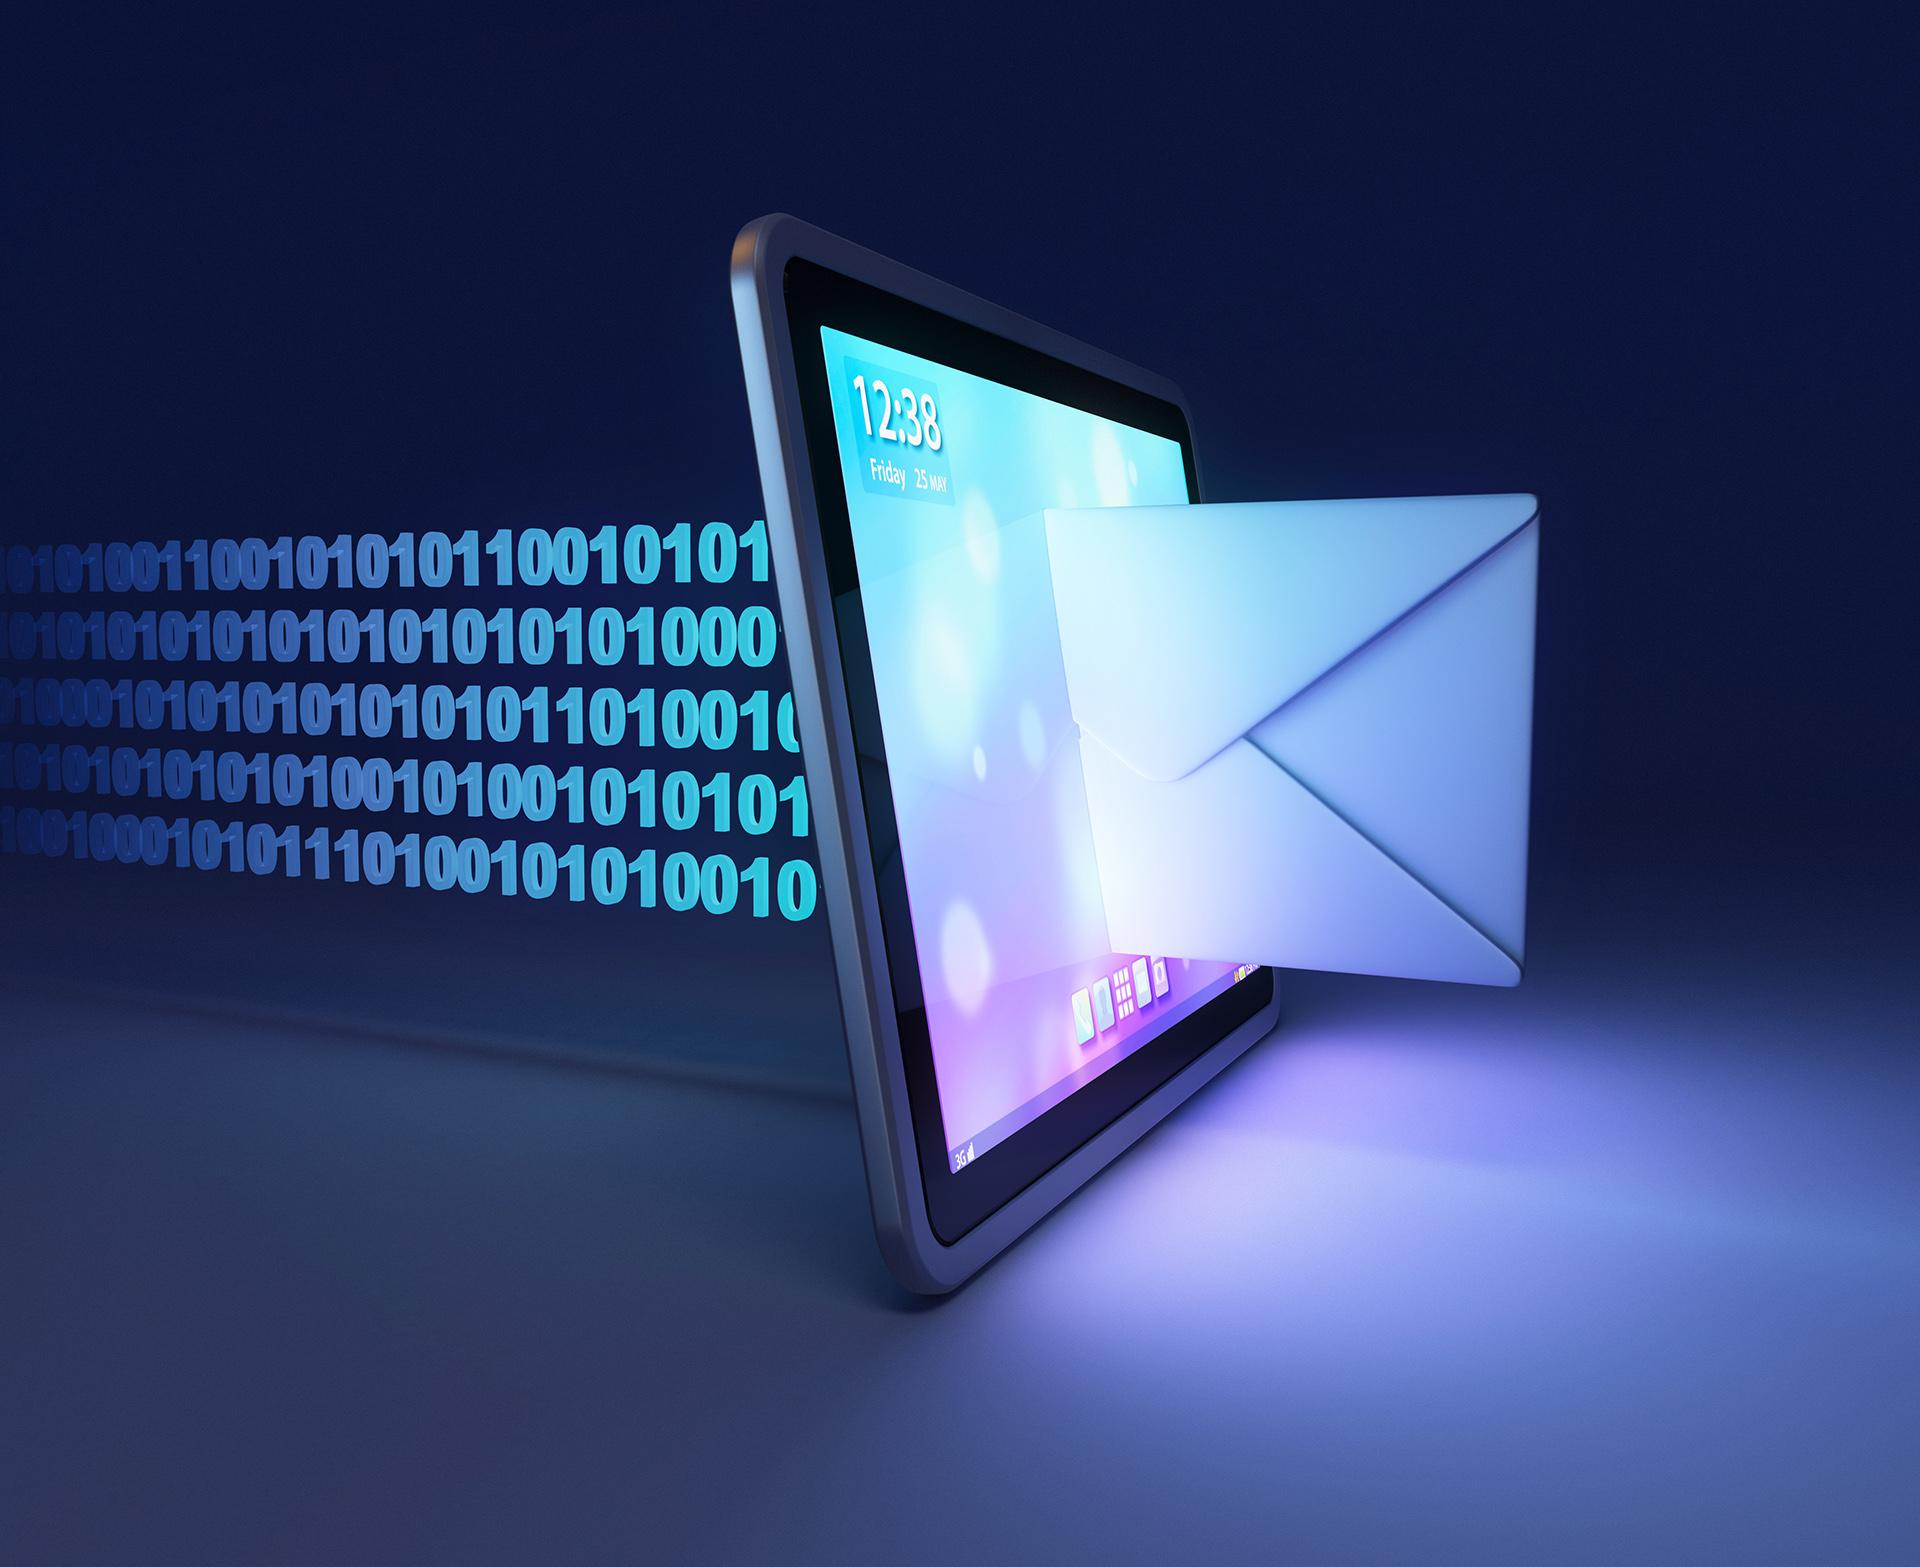 c0e5a86c5e2 Hvad betyder det for din virksomhed at digital post er lovpligtig? - BDO